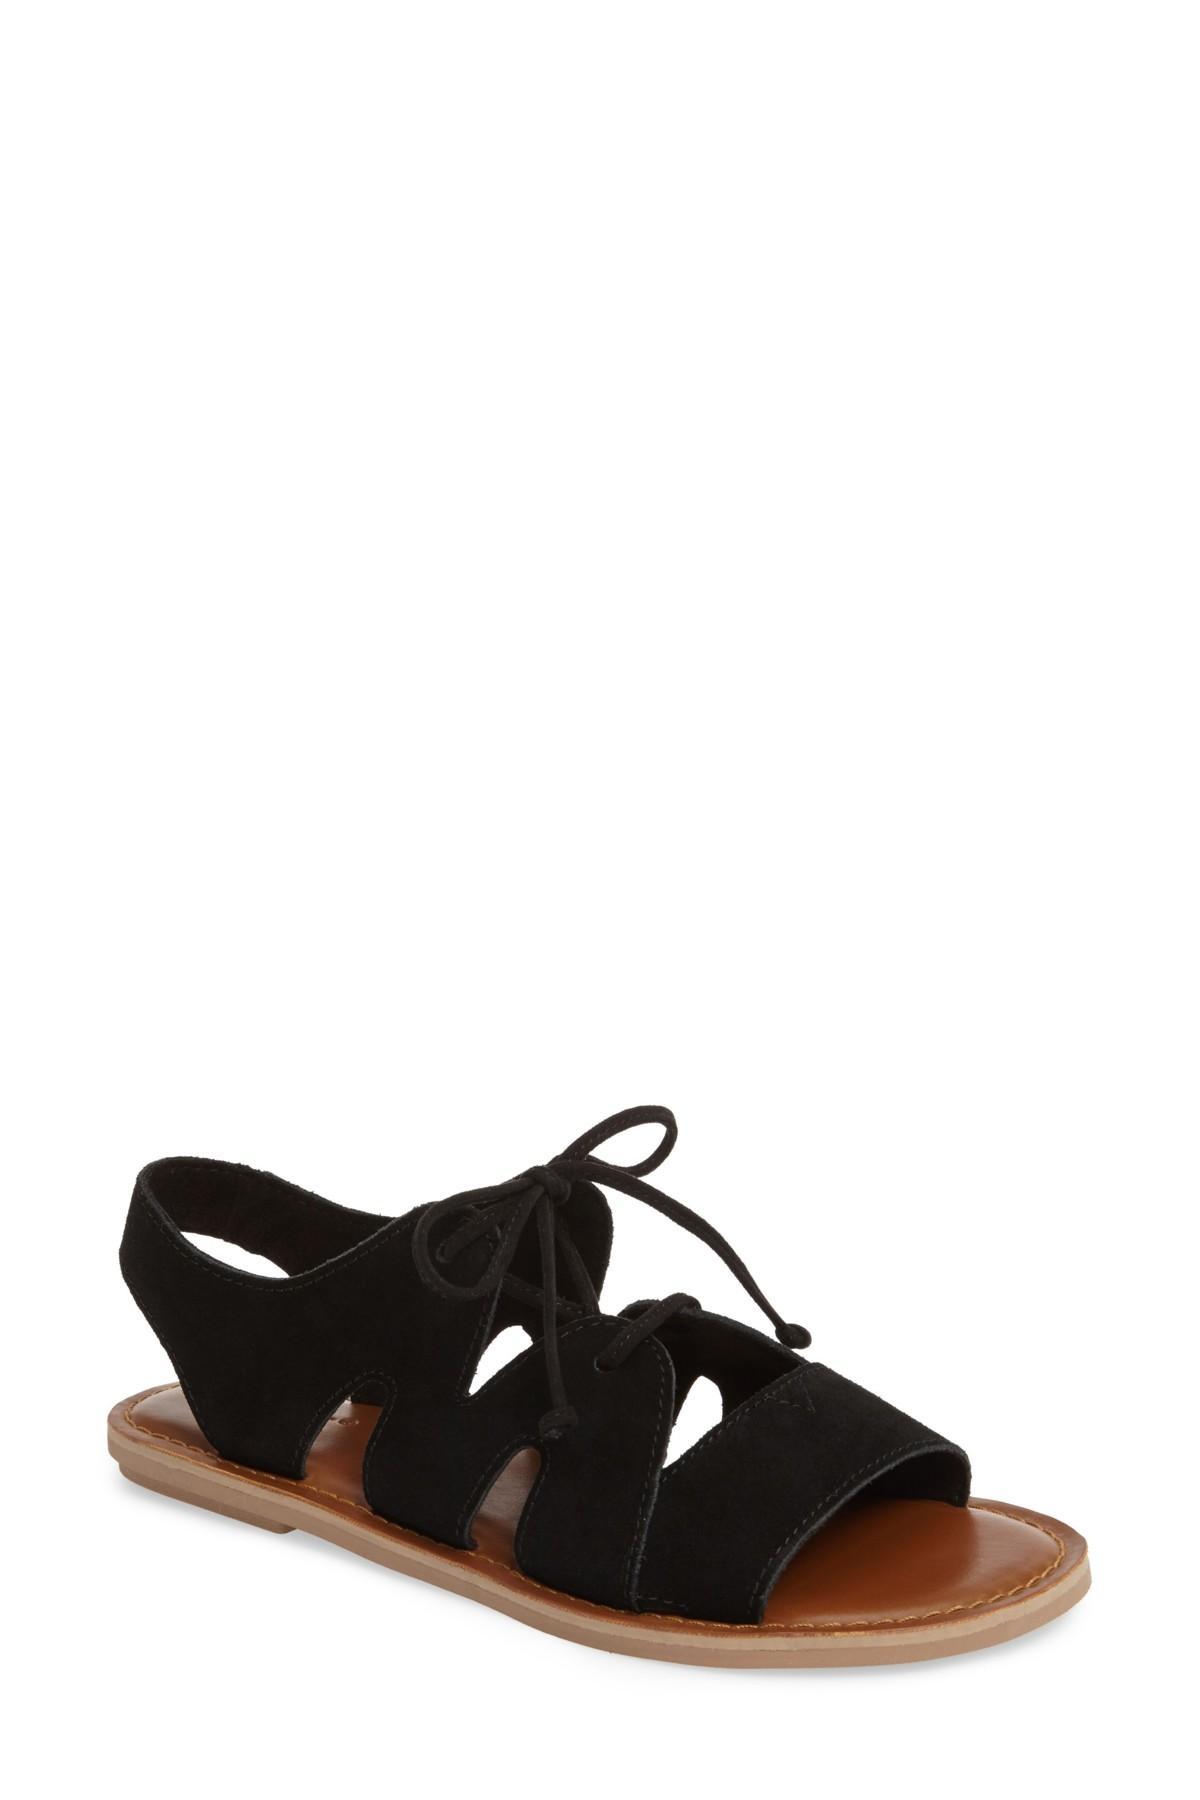 cd4e20bdb7fd TOMS. Women s Black Calips Sandal.  70  45 From Nordstrom Rack